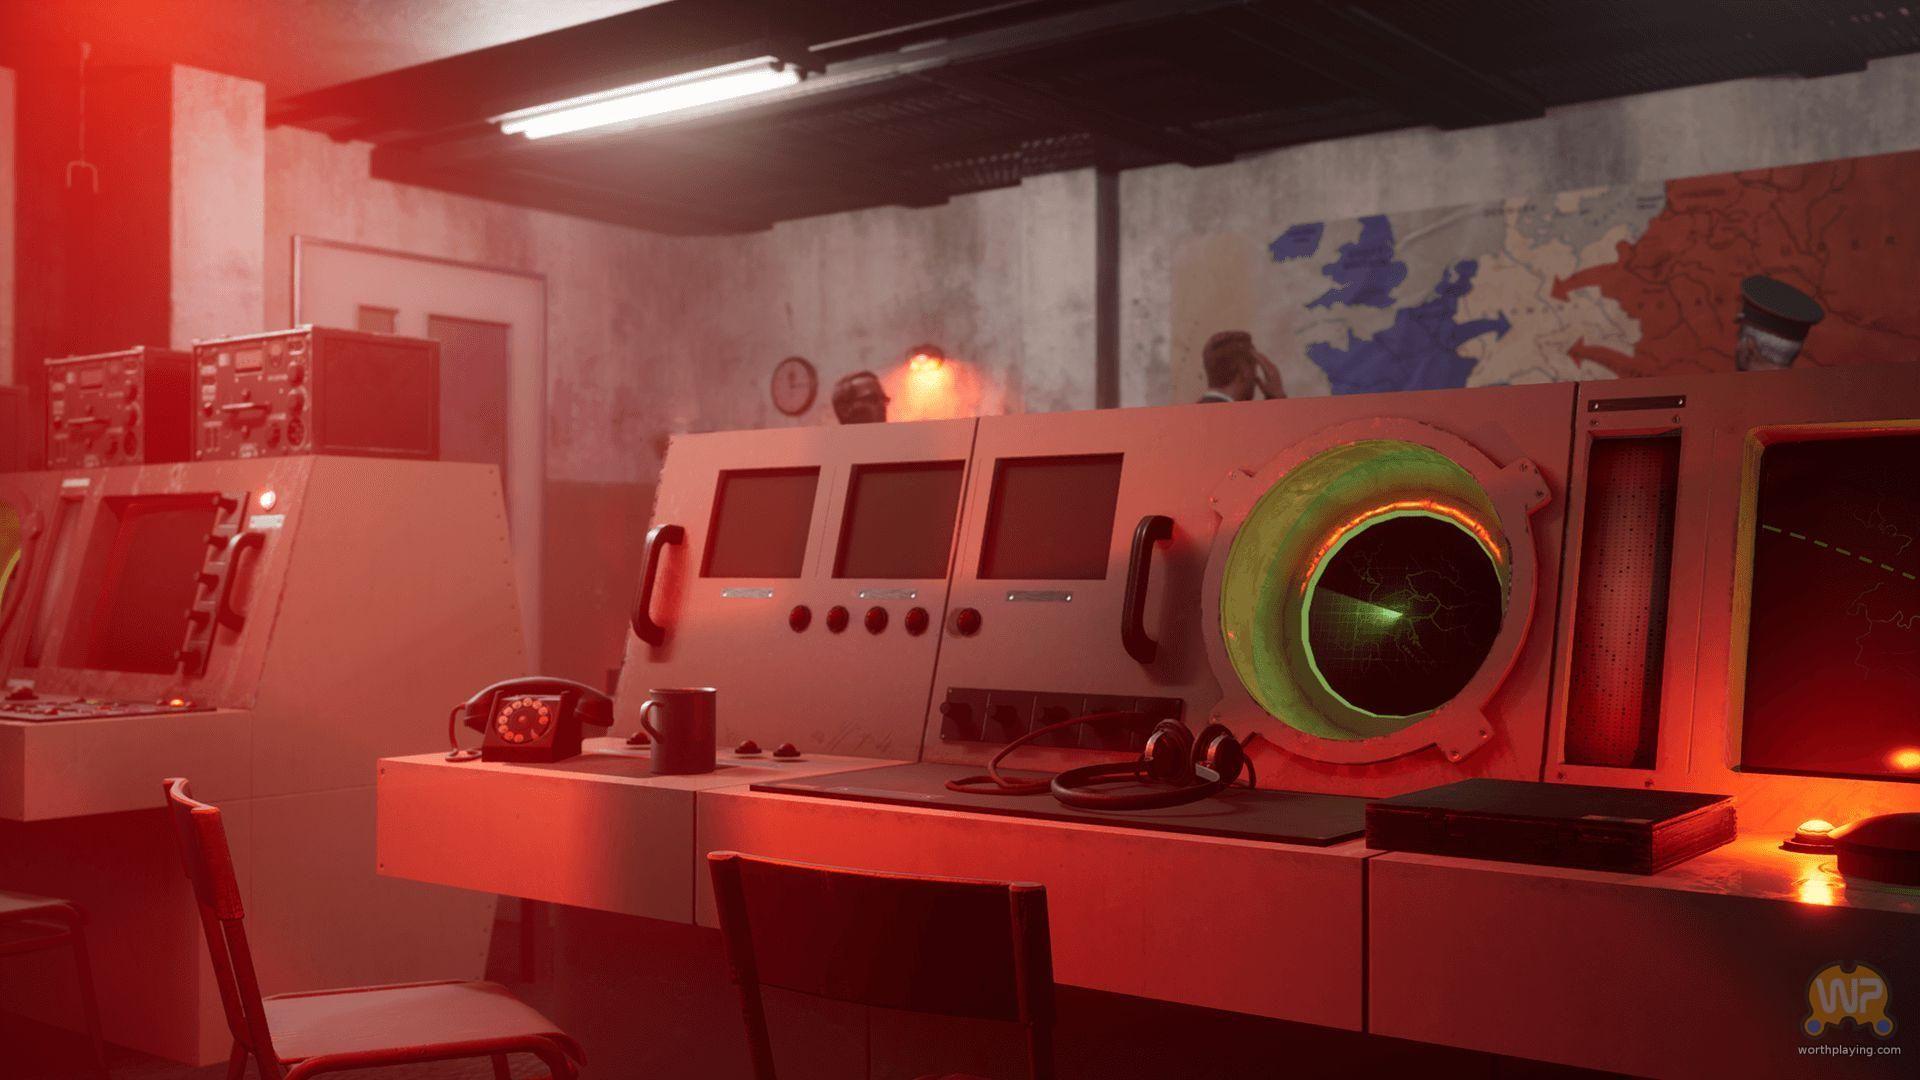 Project Wunderwaffe предлага на геймърите алтернативен край на Втората световна война